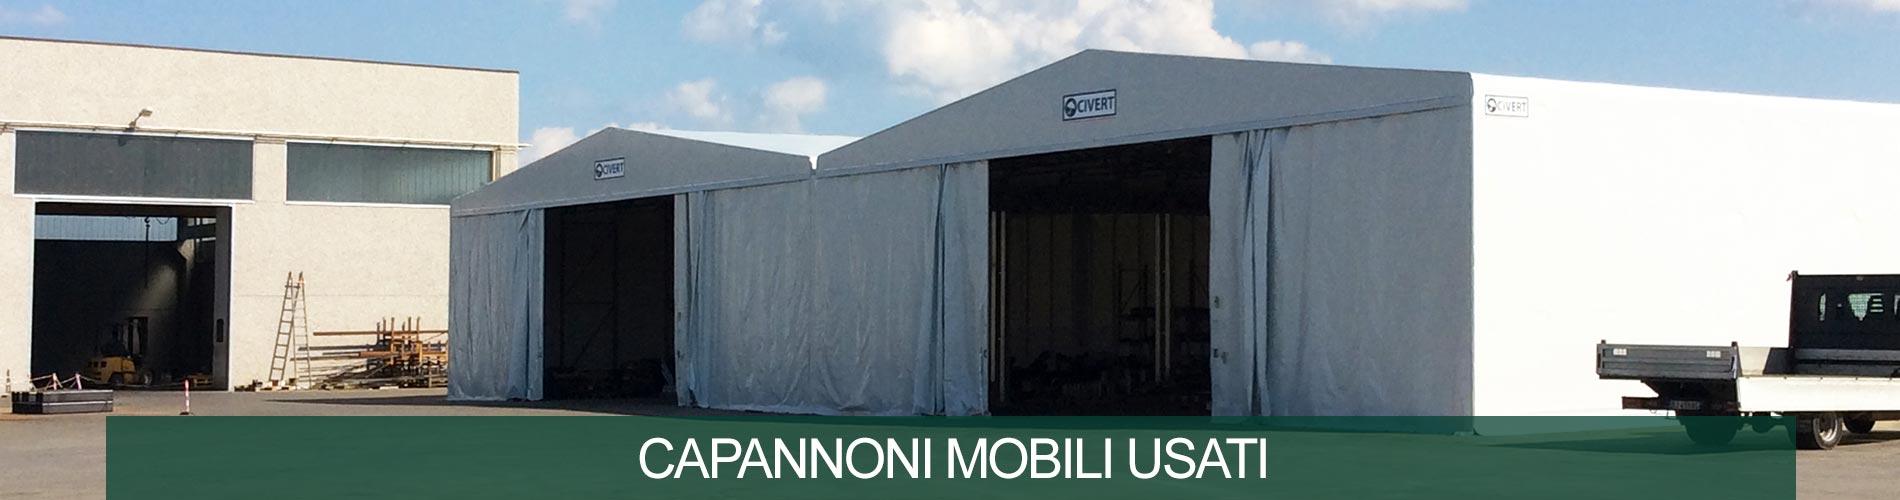 Capannoni mobili usati: tunnel retrattili e coperture in pvc ...